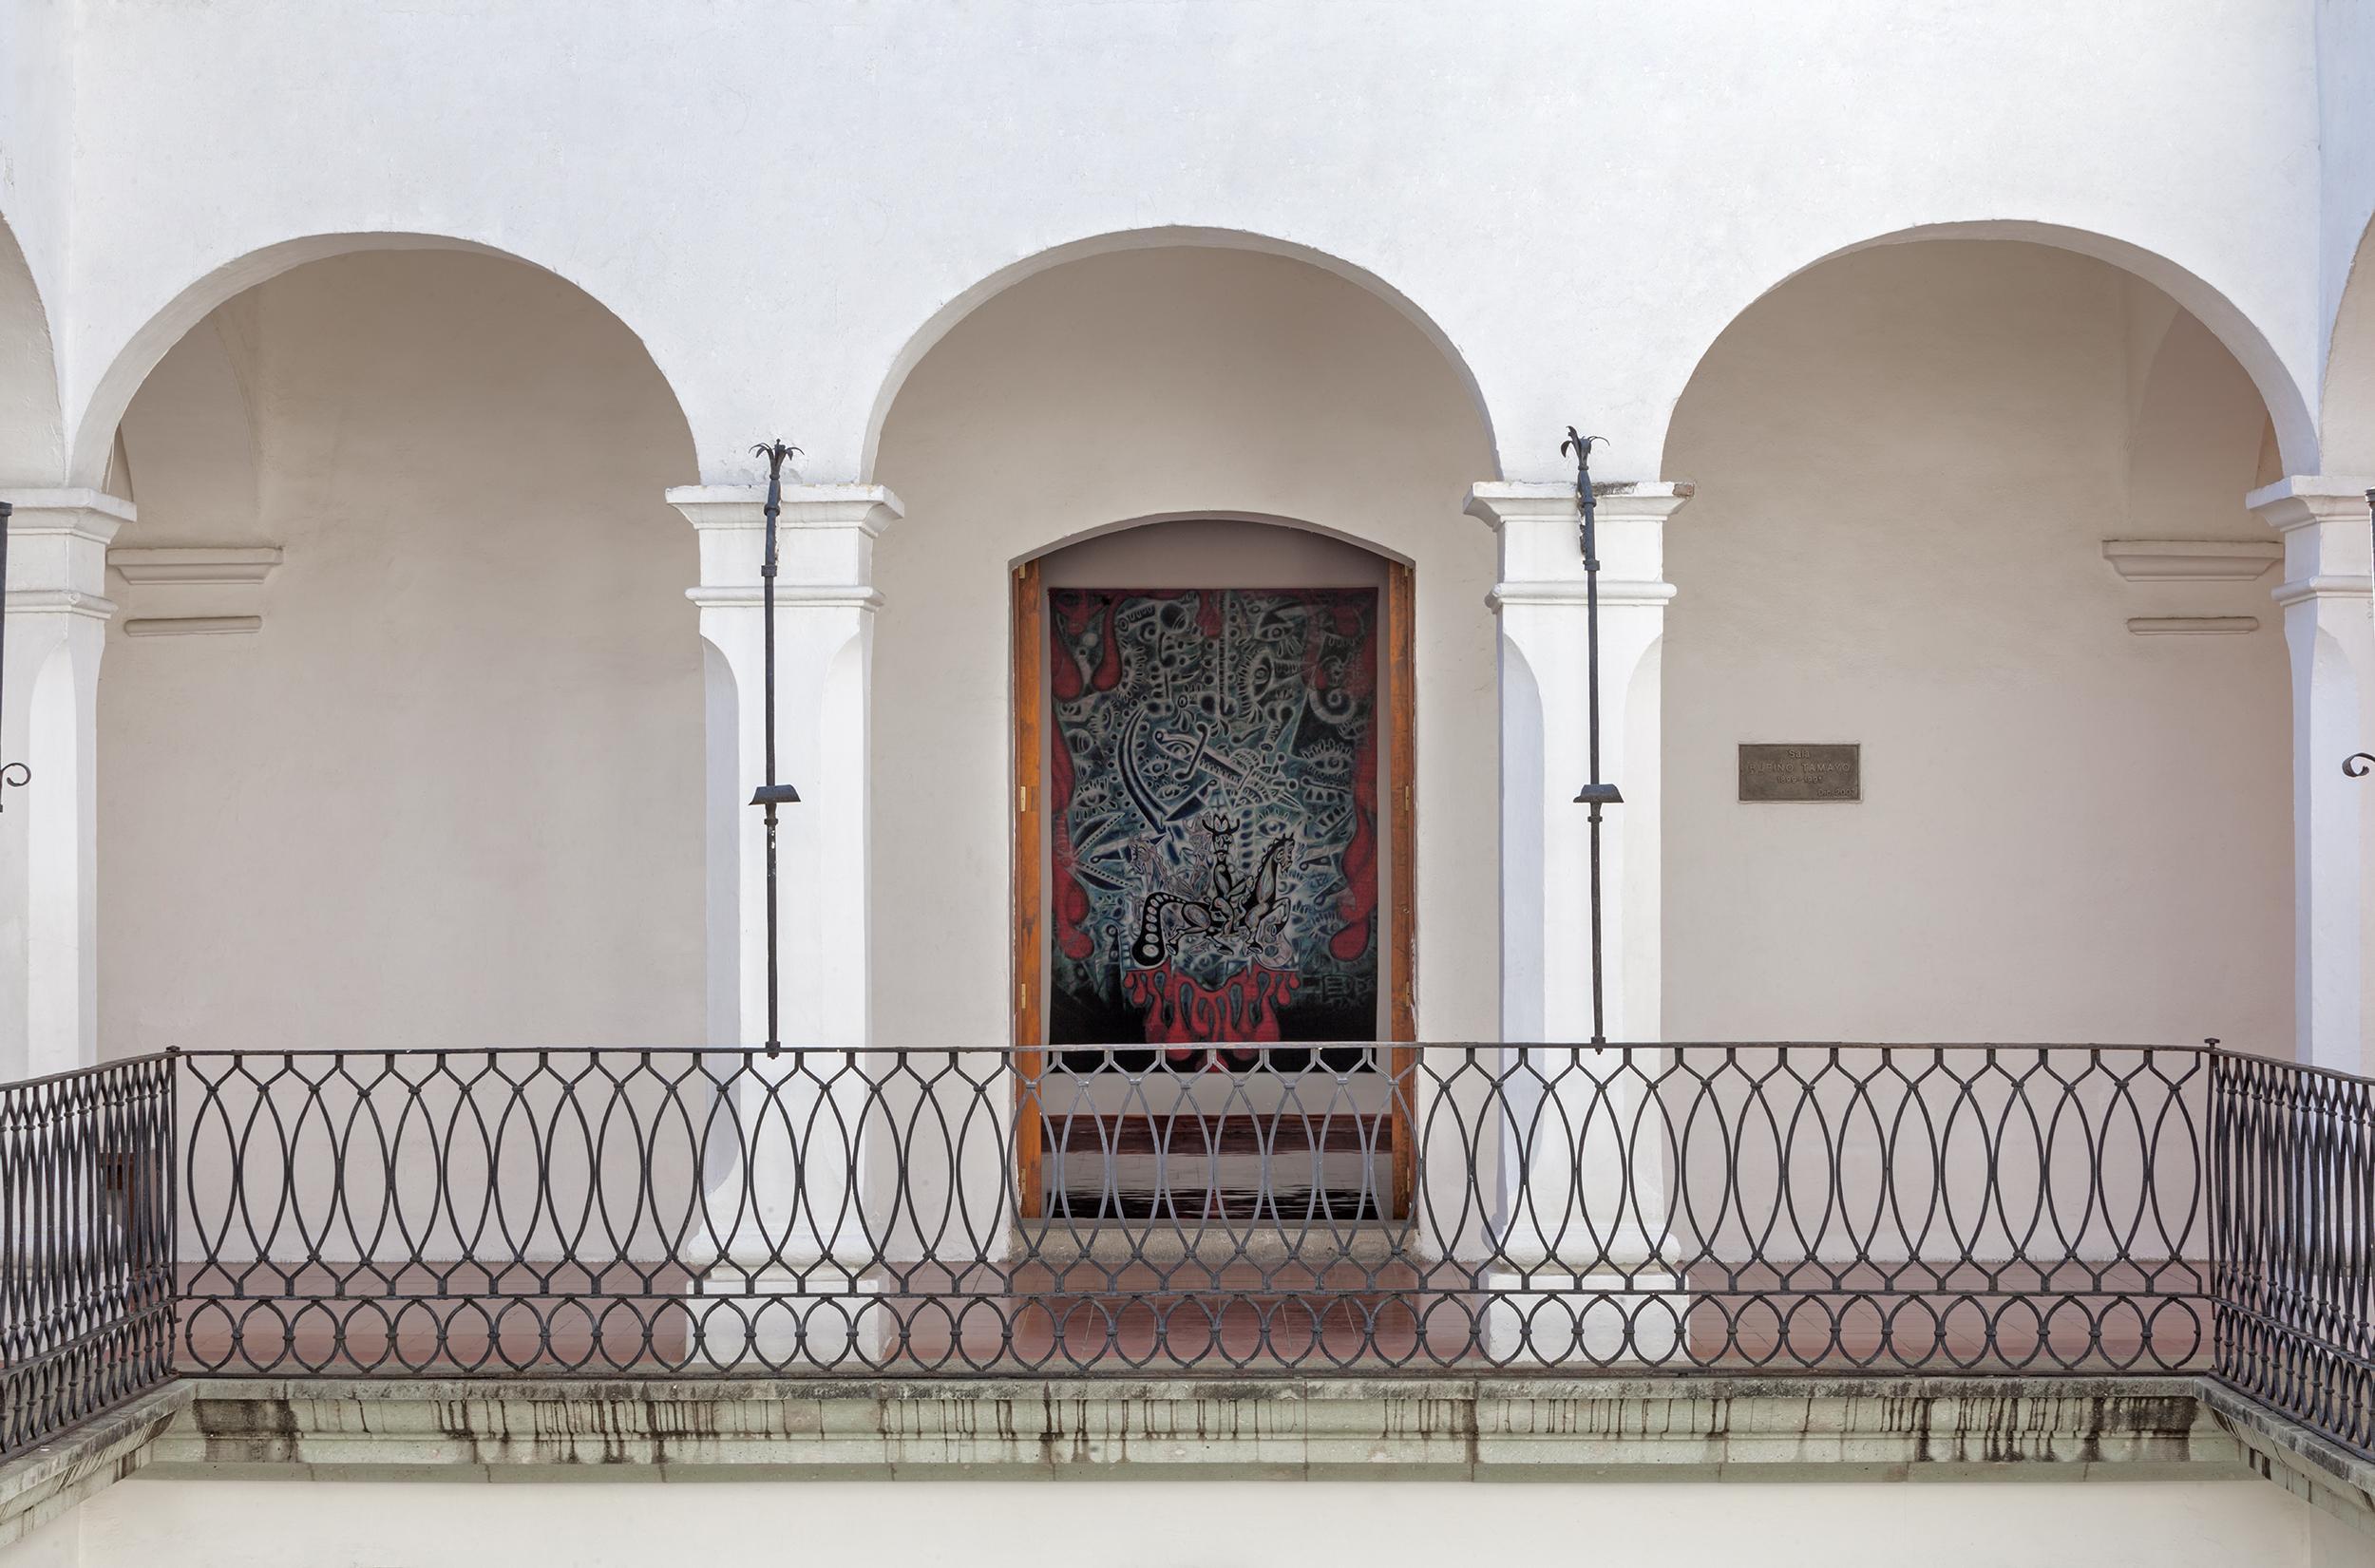 Green Machine: The Art of Carlos Luna; Museo de los Pintores Oaxaqueños, Oaxaca, Mexico